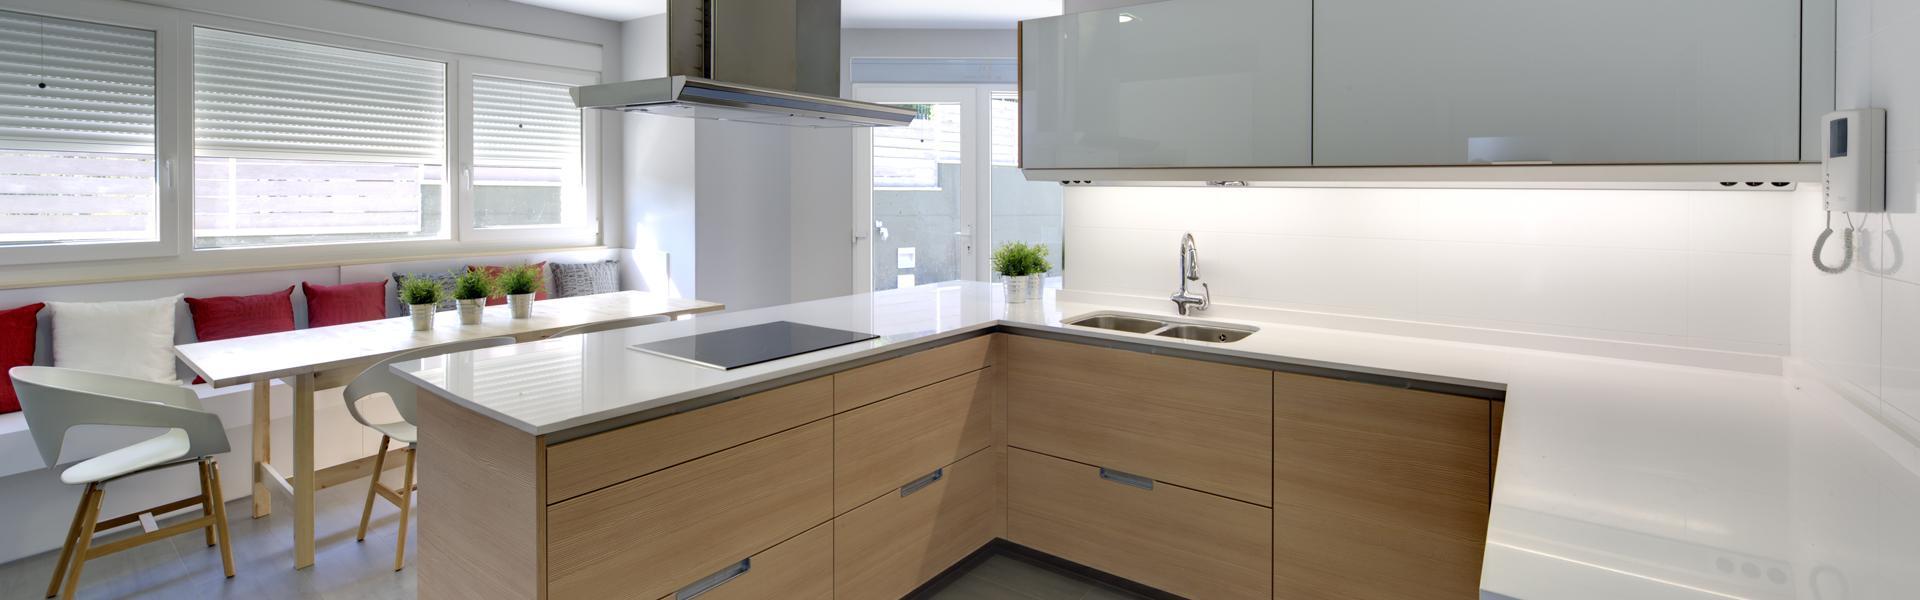 Cocinas de vidrio estudio cocinas dc - Cocinas con bloques de vidrio ...